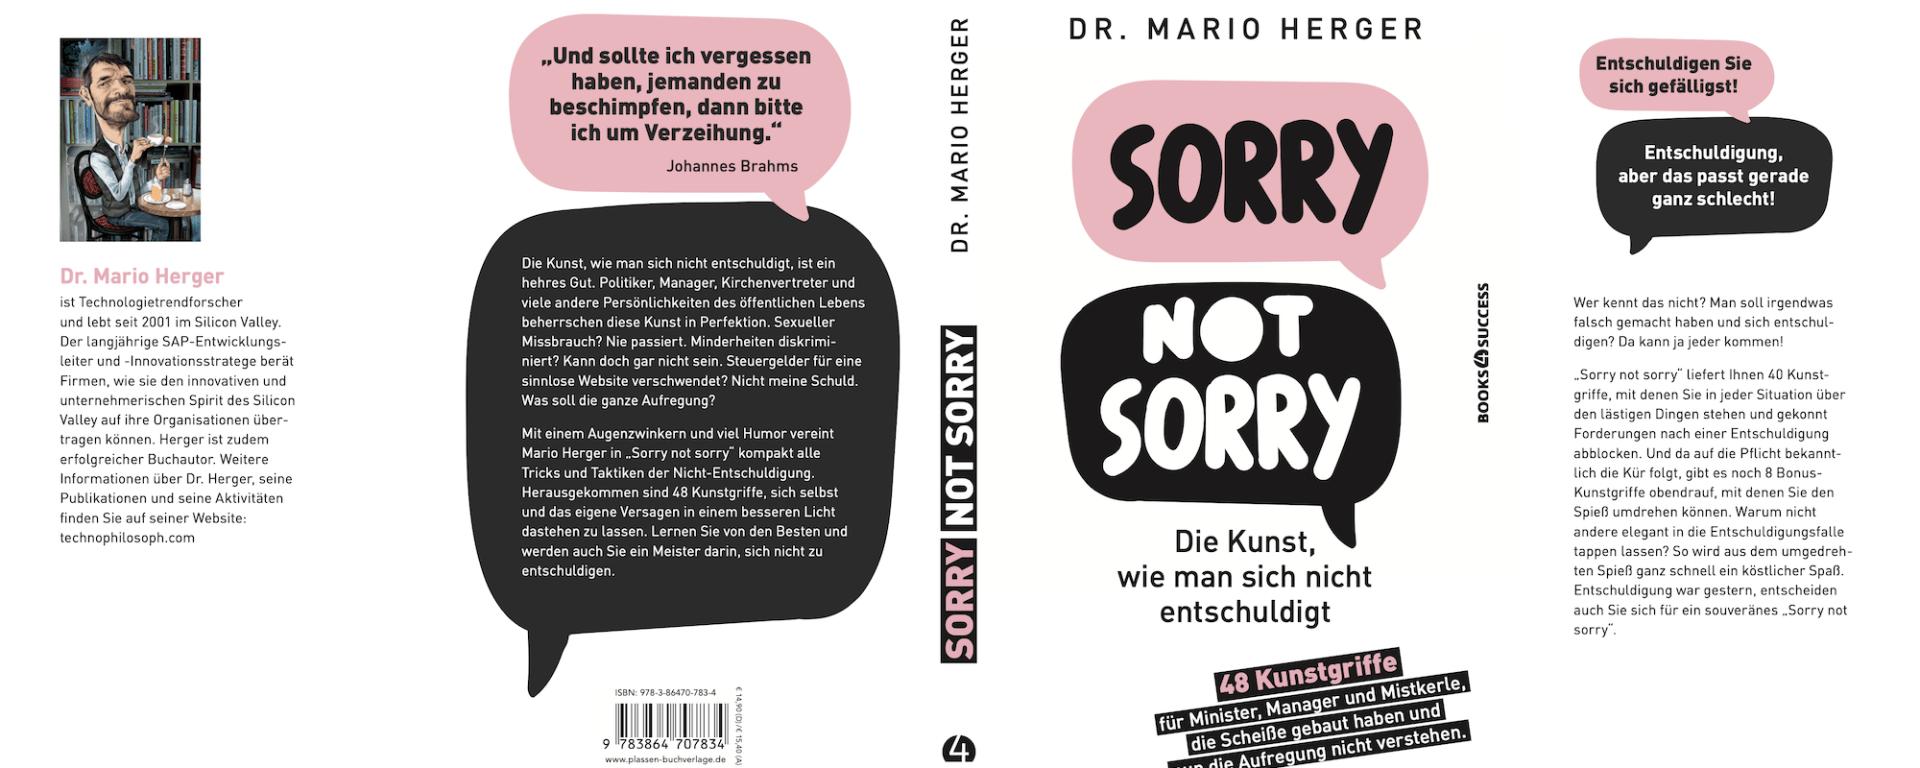 Sorry not Sorry: Die Kunst, wie man sich nicht entschuldigt